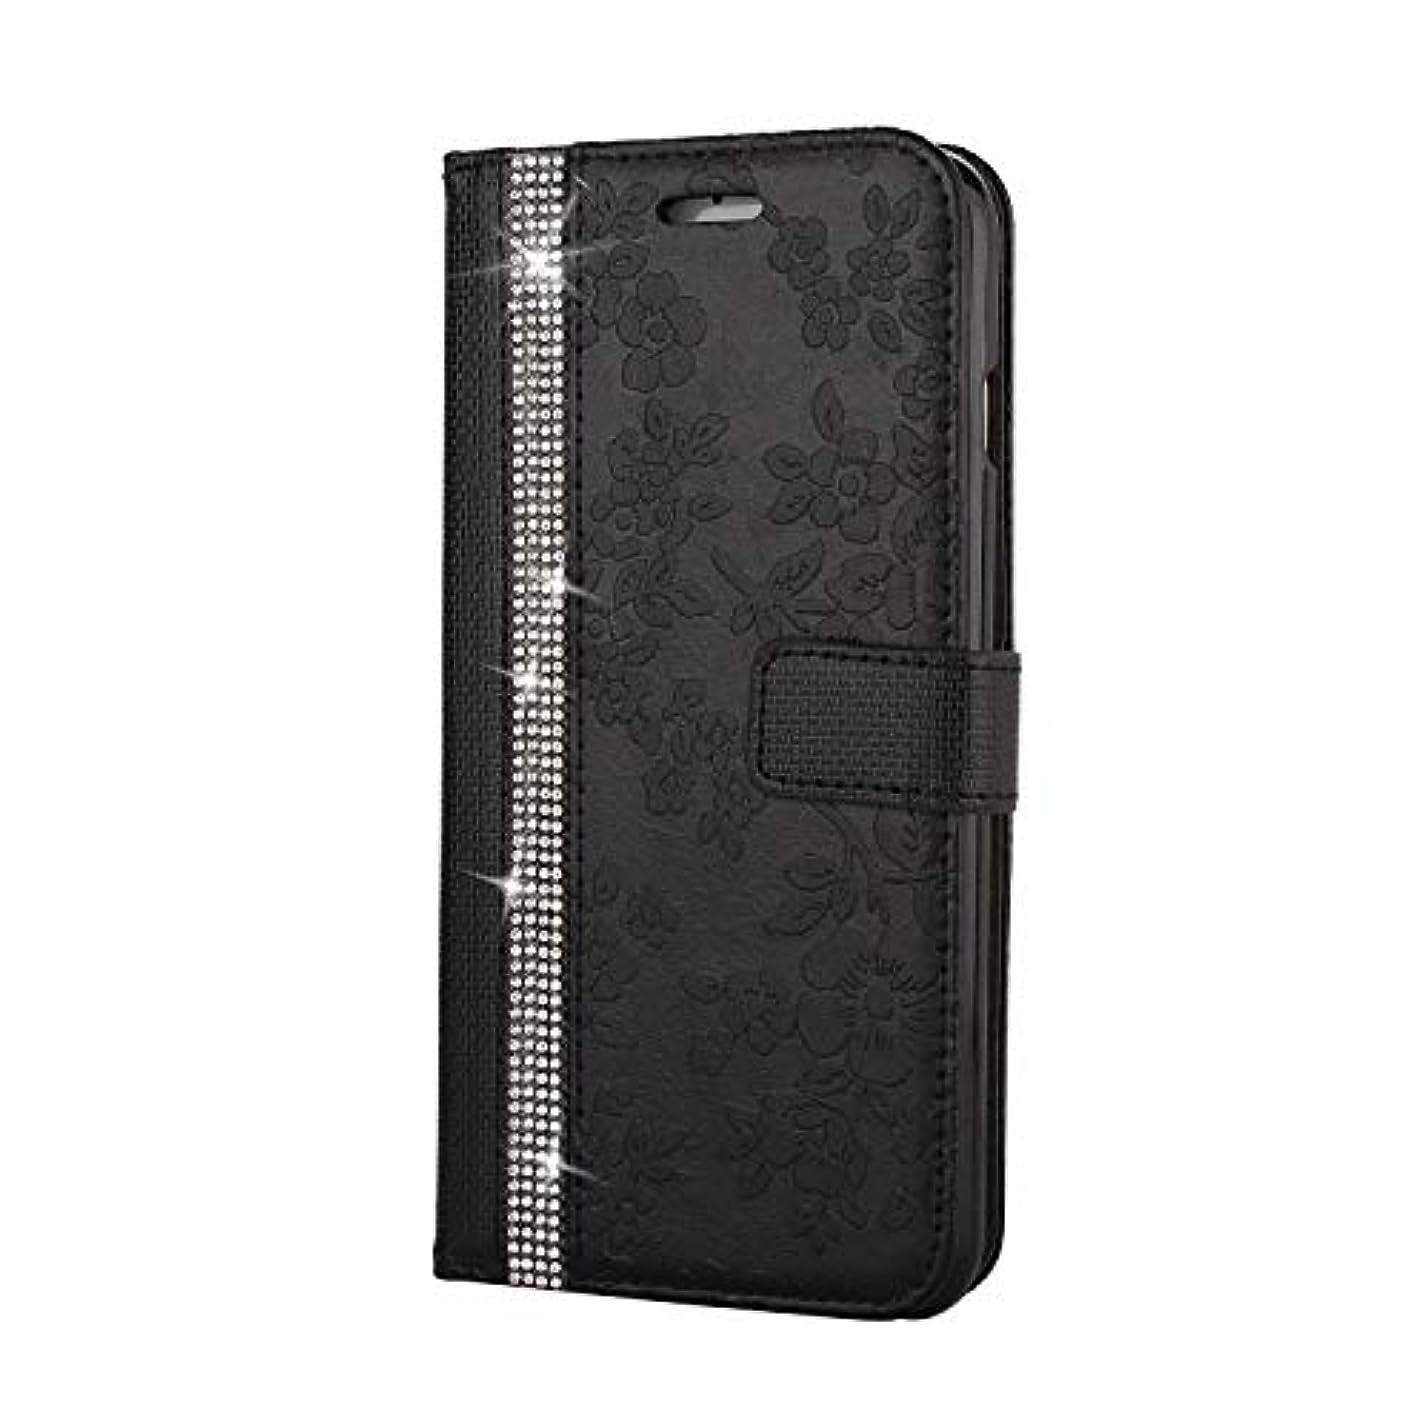 スロットきらきらなんでもCUNUS iPhone 6 Plus/iPhone 6S Plus 用 ウォレット ケース, プレミアム PUレザー 全面保護 ケース 耐衝撃 スタンド機能 耐汚れ カード収納 カバー, ブラック